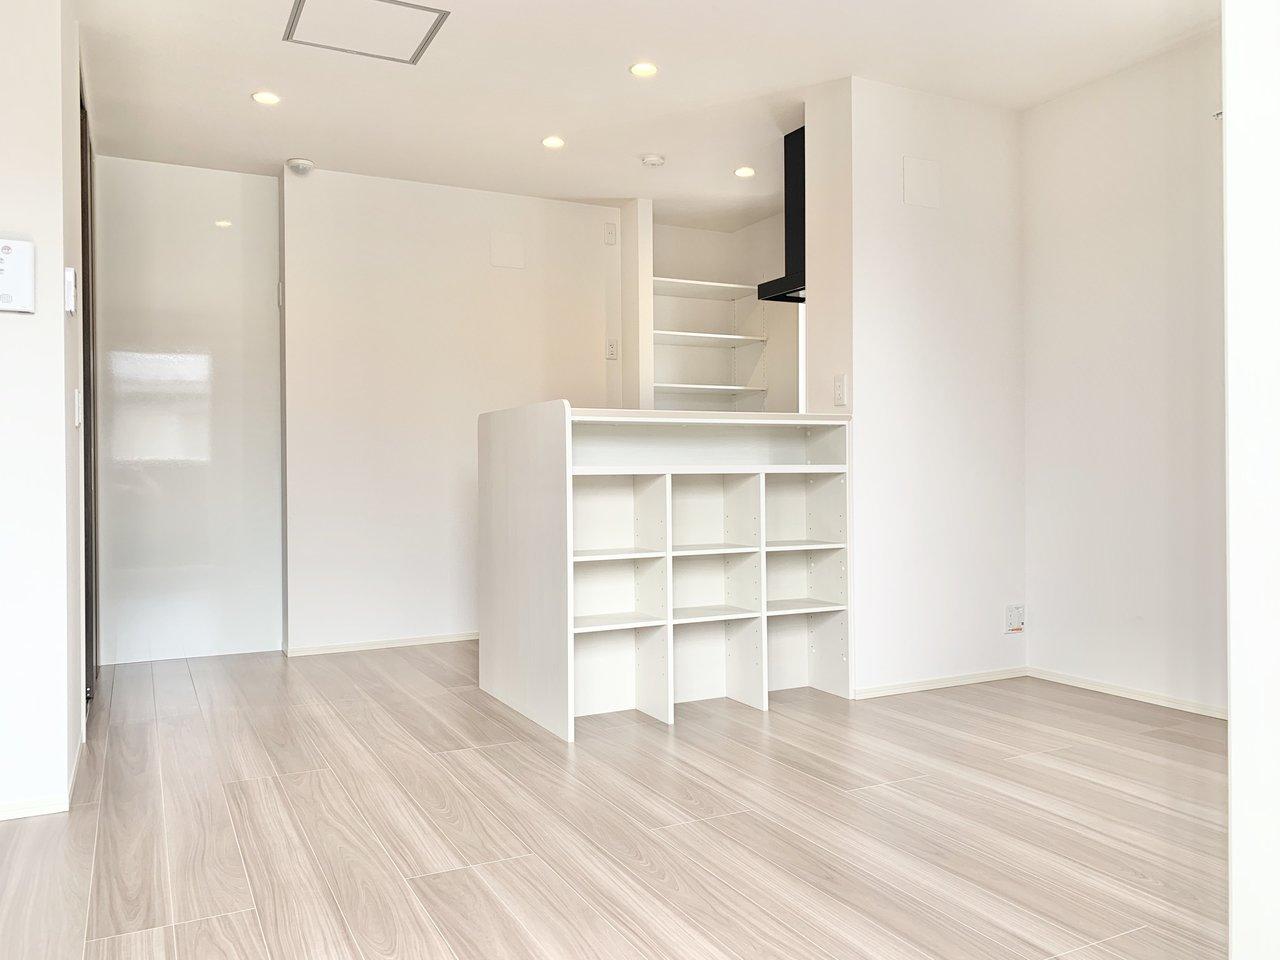 キッチンは対面式。収納棚もついていました。おしゃれな食器を並べたりしたくなりますね。